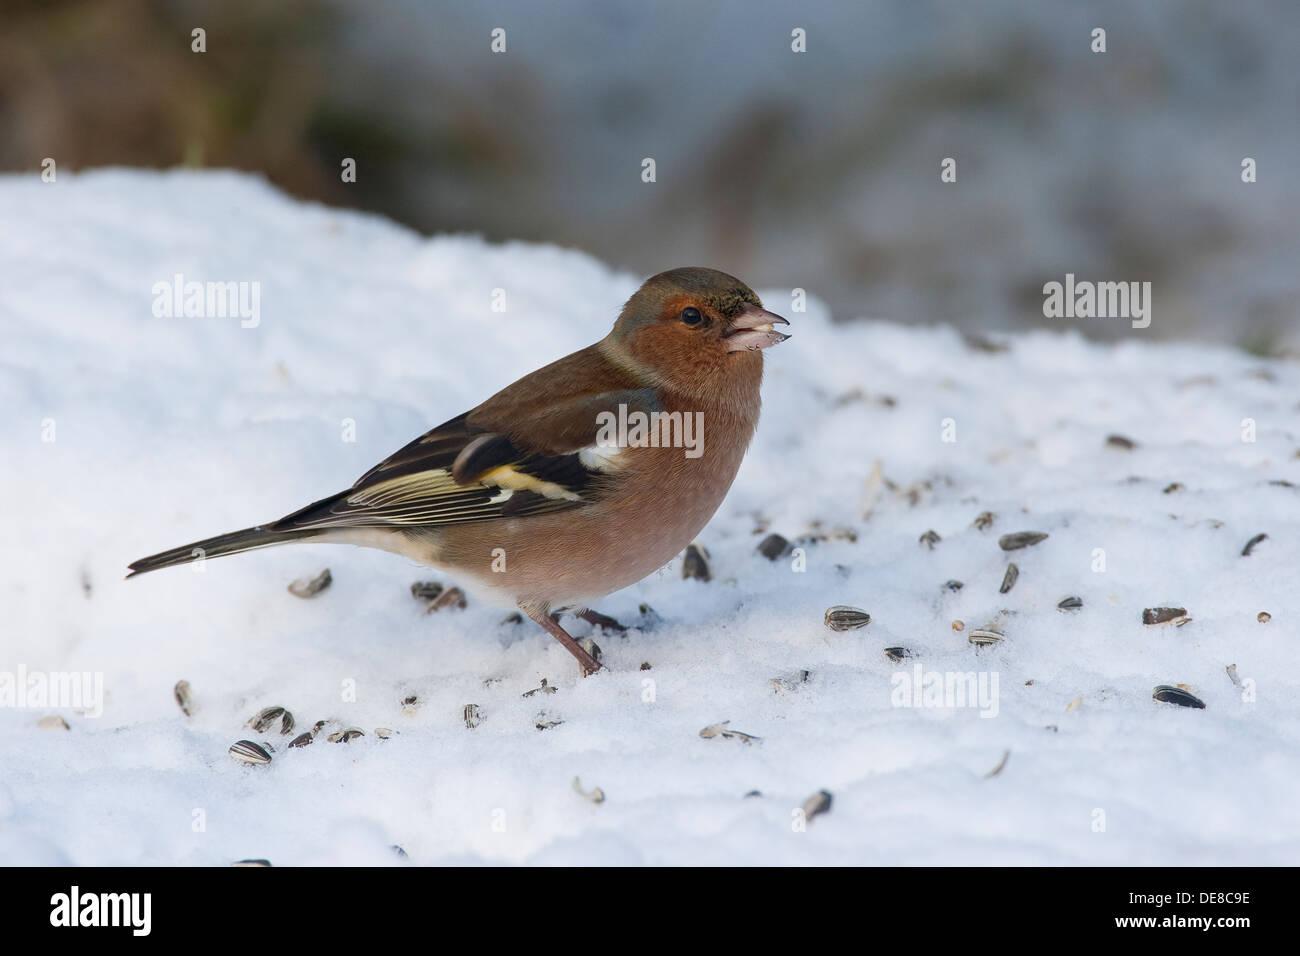 Buchfink, Männlich, Buchfink, Buch-Fink, Männchen, Fringilla Coelebs, Winter, Schnee, Schnee, Fütterung der Vögel, Winterfütterung Stockfoto